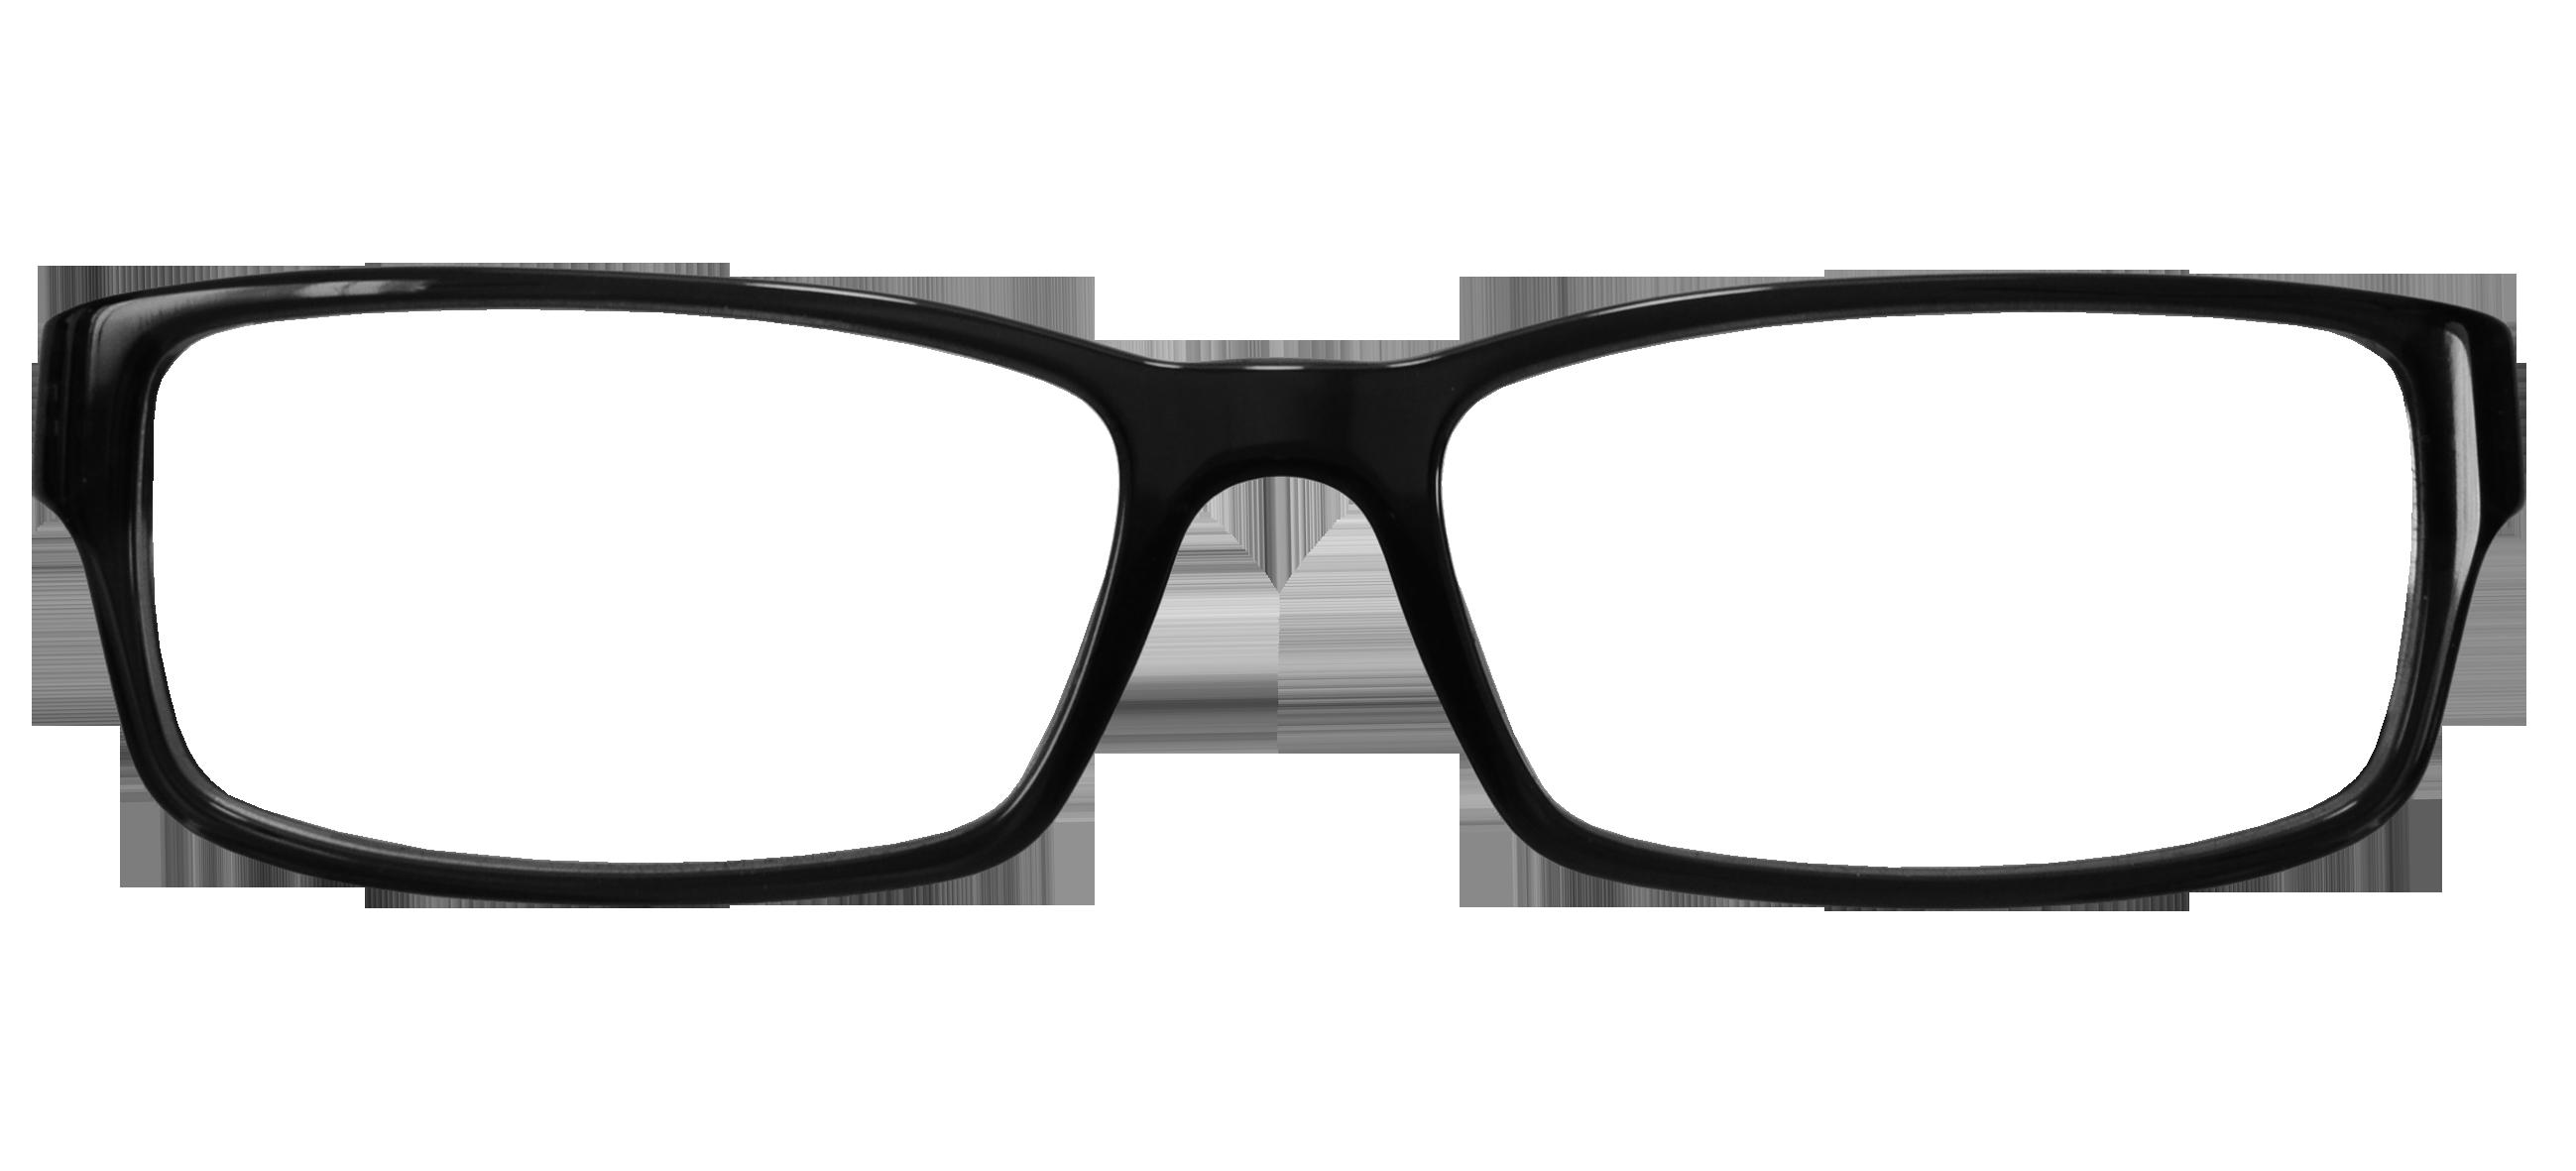 Eyeglasses clipart glass lens. Sunglasses horn rimmed glasses